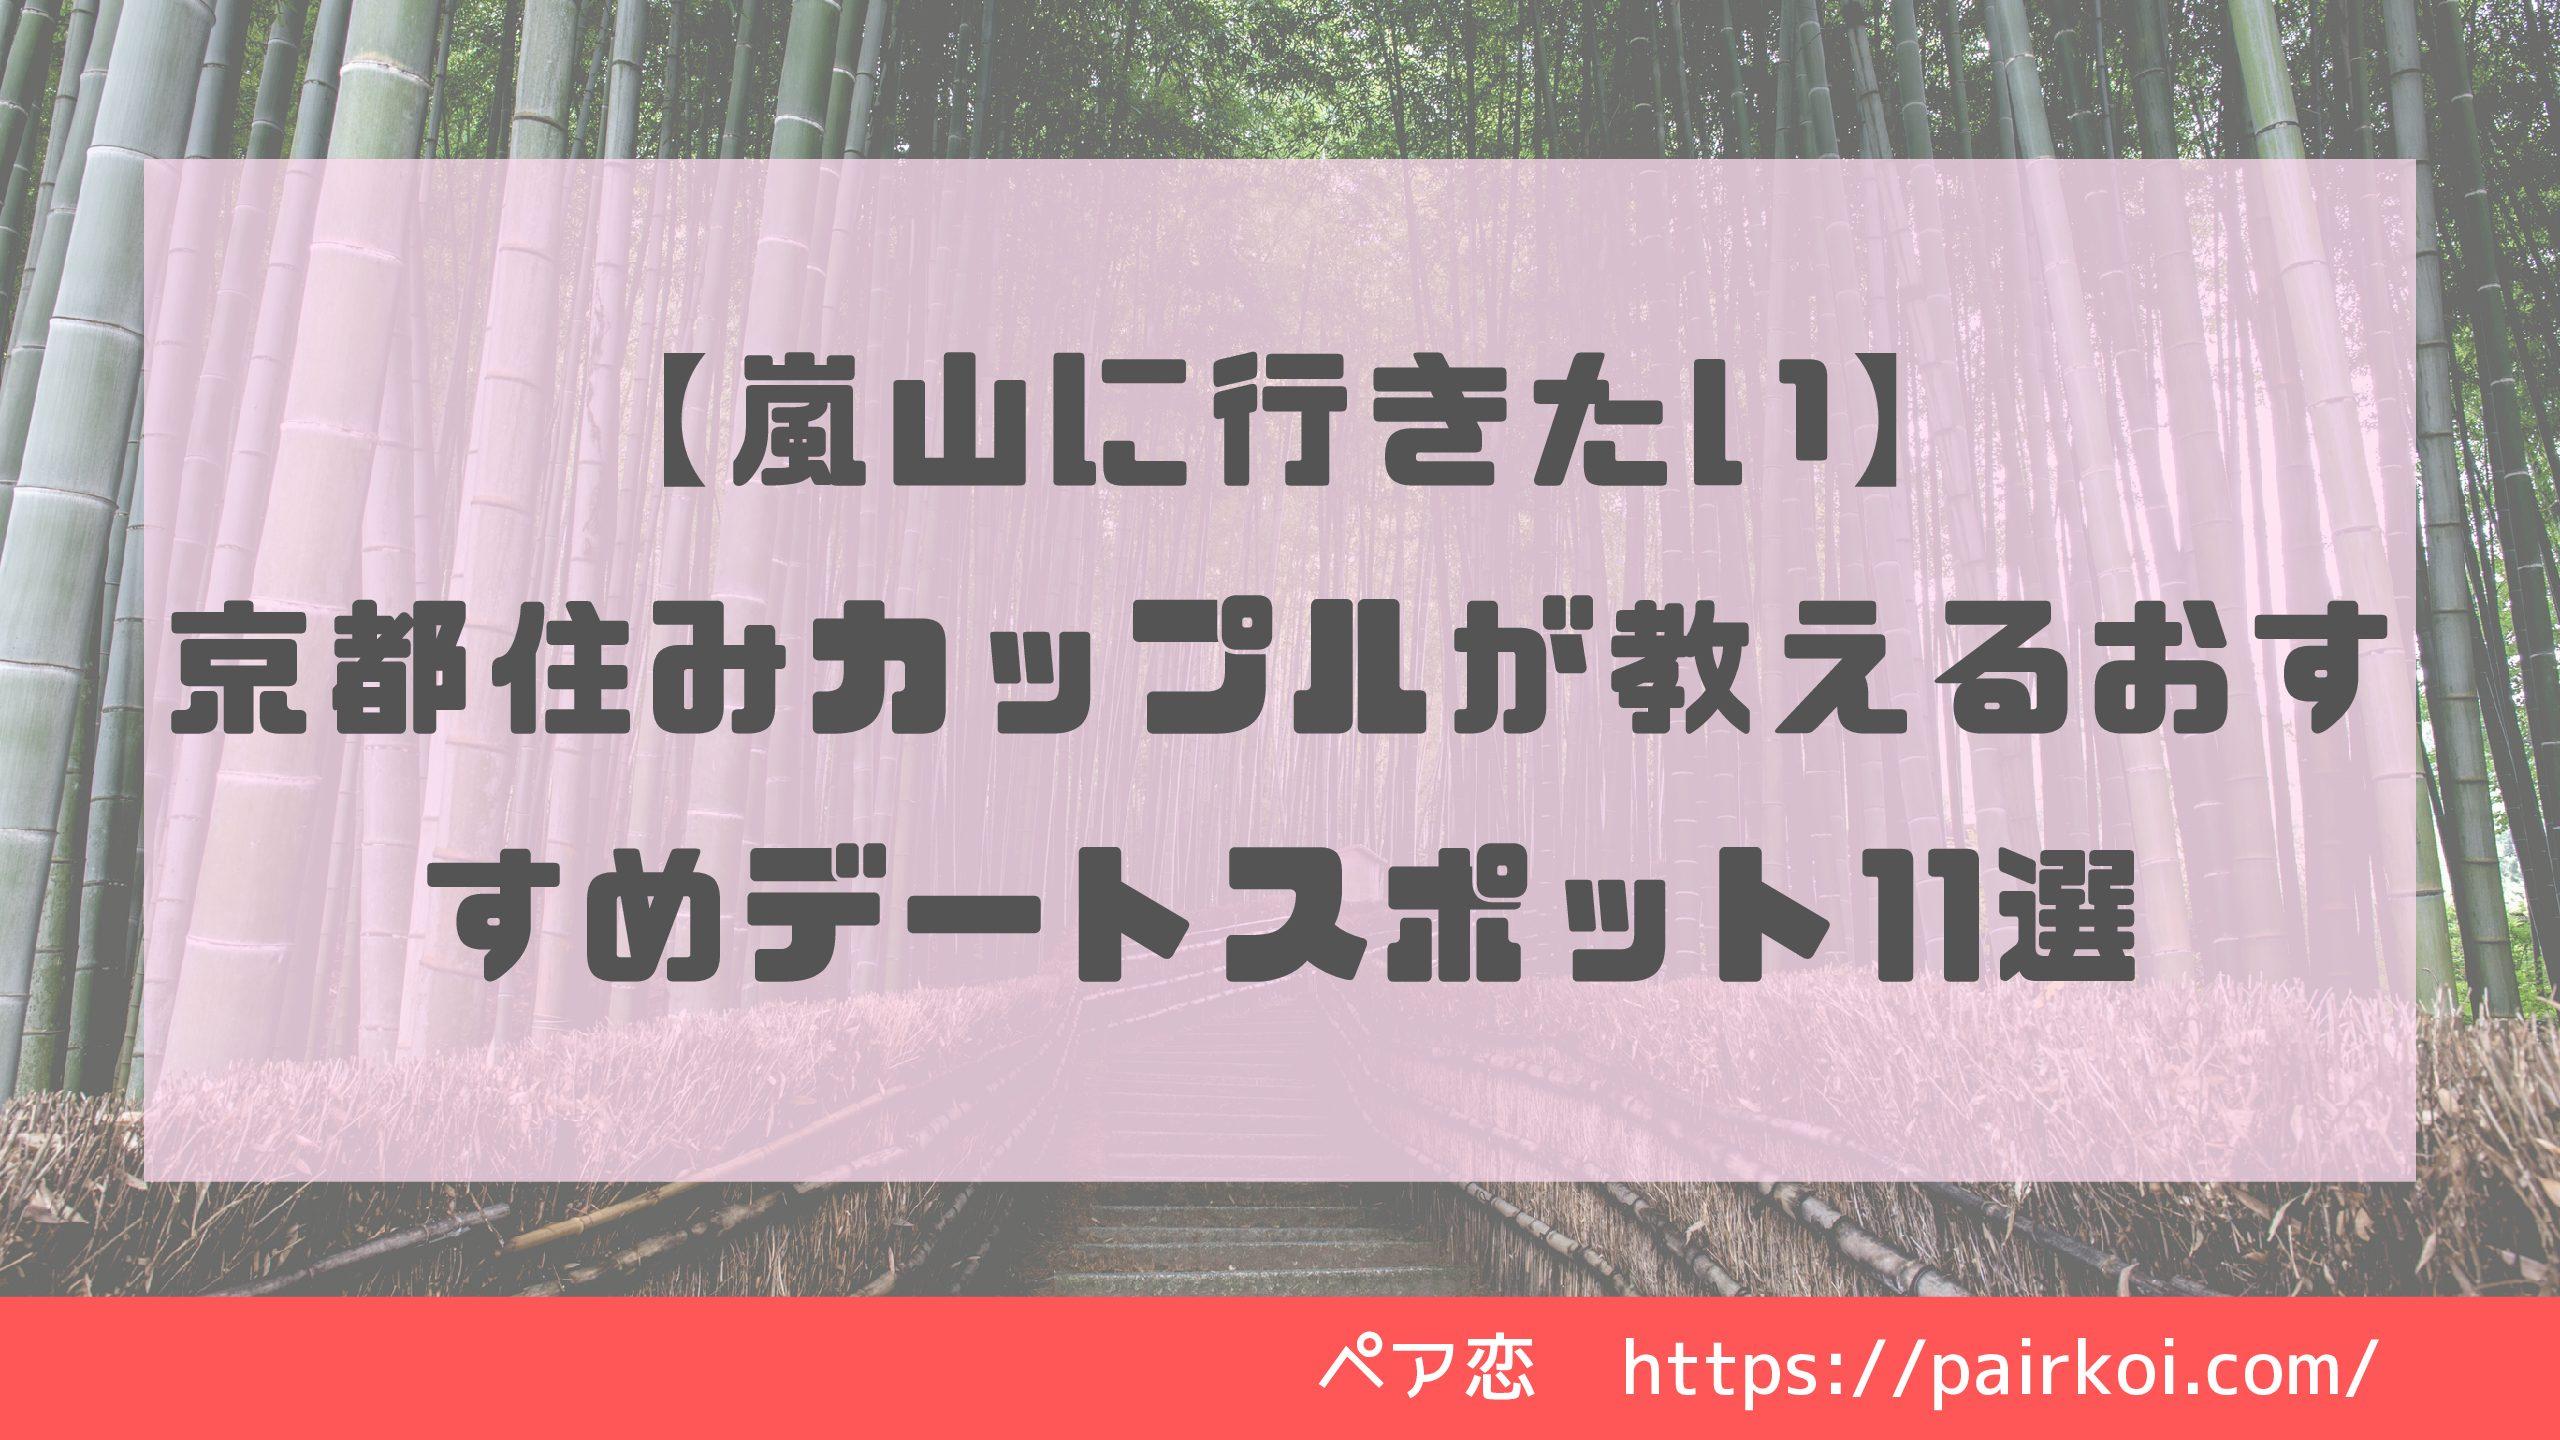 【嵐山に行きたい】京都住みカップルが教えるおすすめデートスポット11選